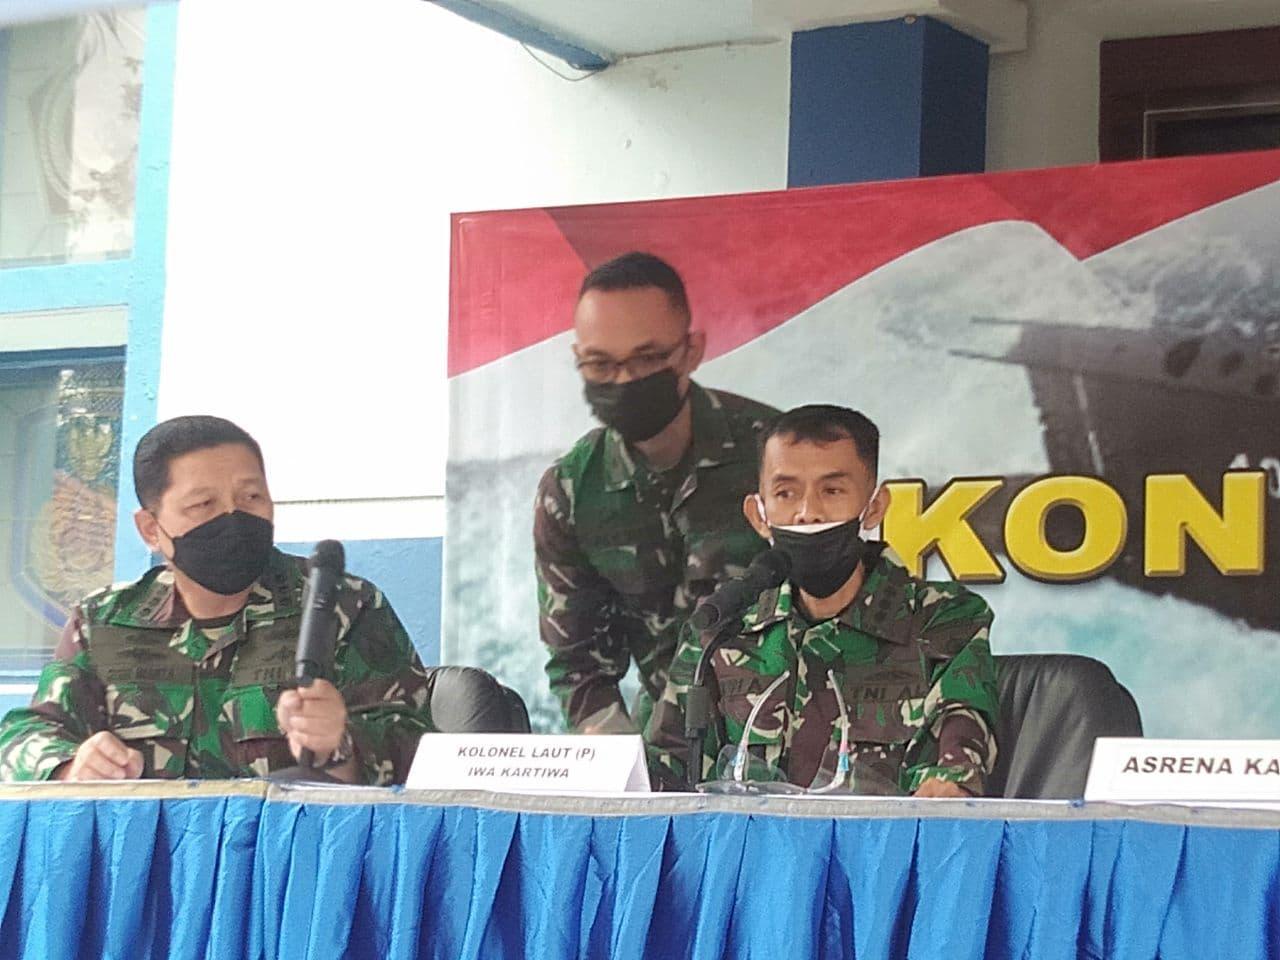 Kolonel Laut (P) Iwa Kartiwa Menangis dan Bantah Pemberitaan Tentang Kondisi Sakitnya